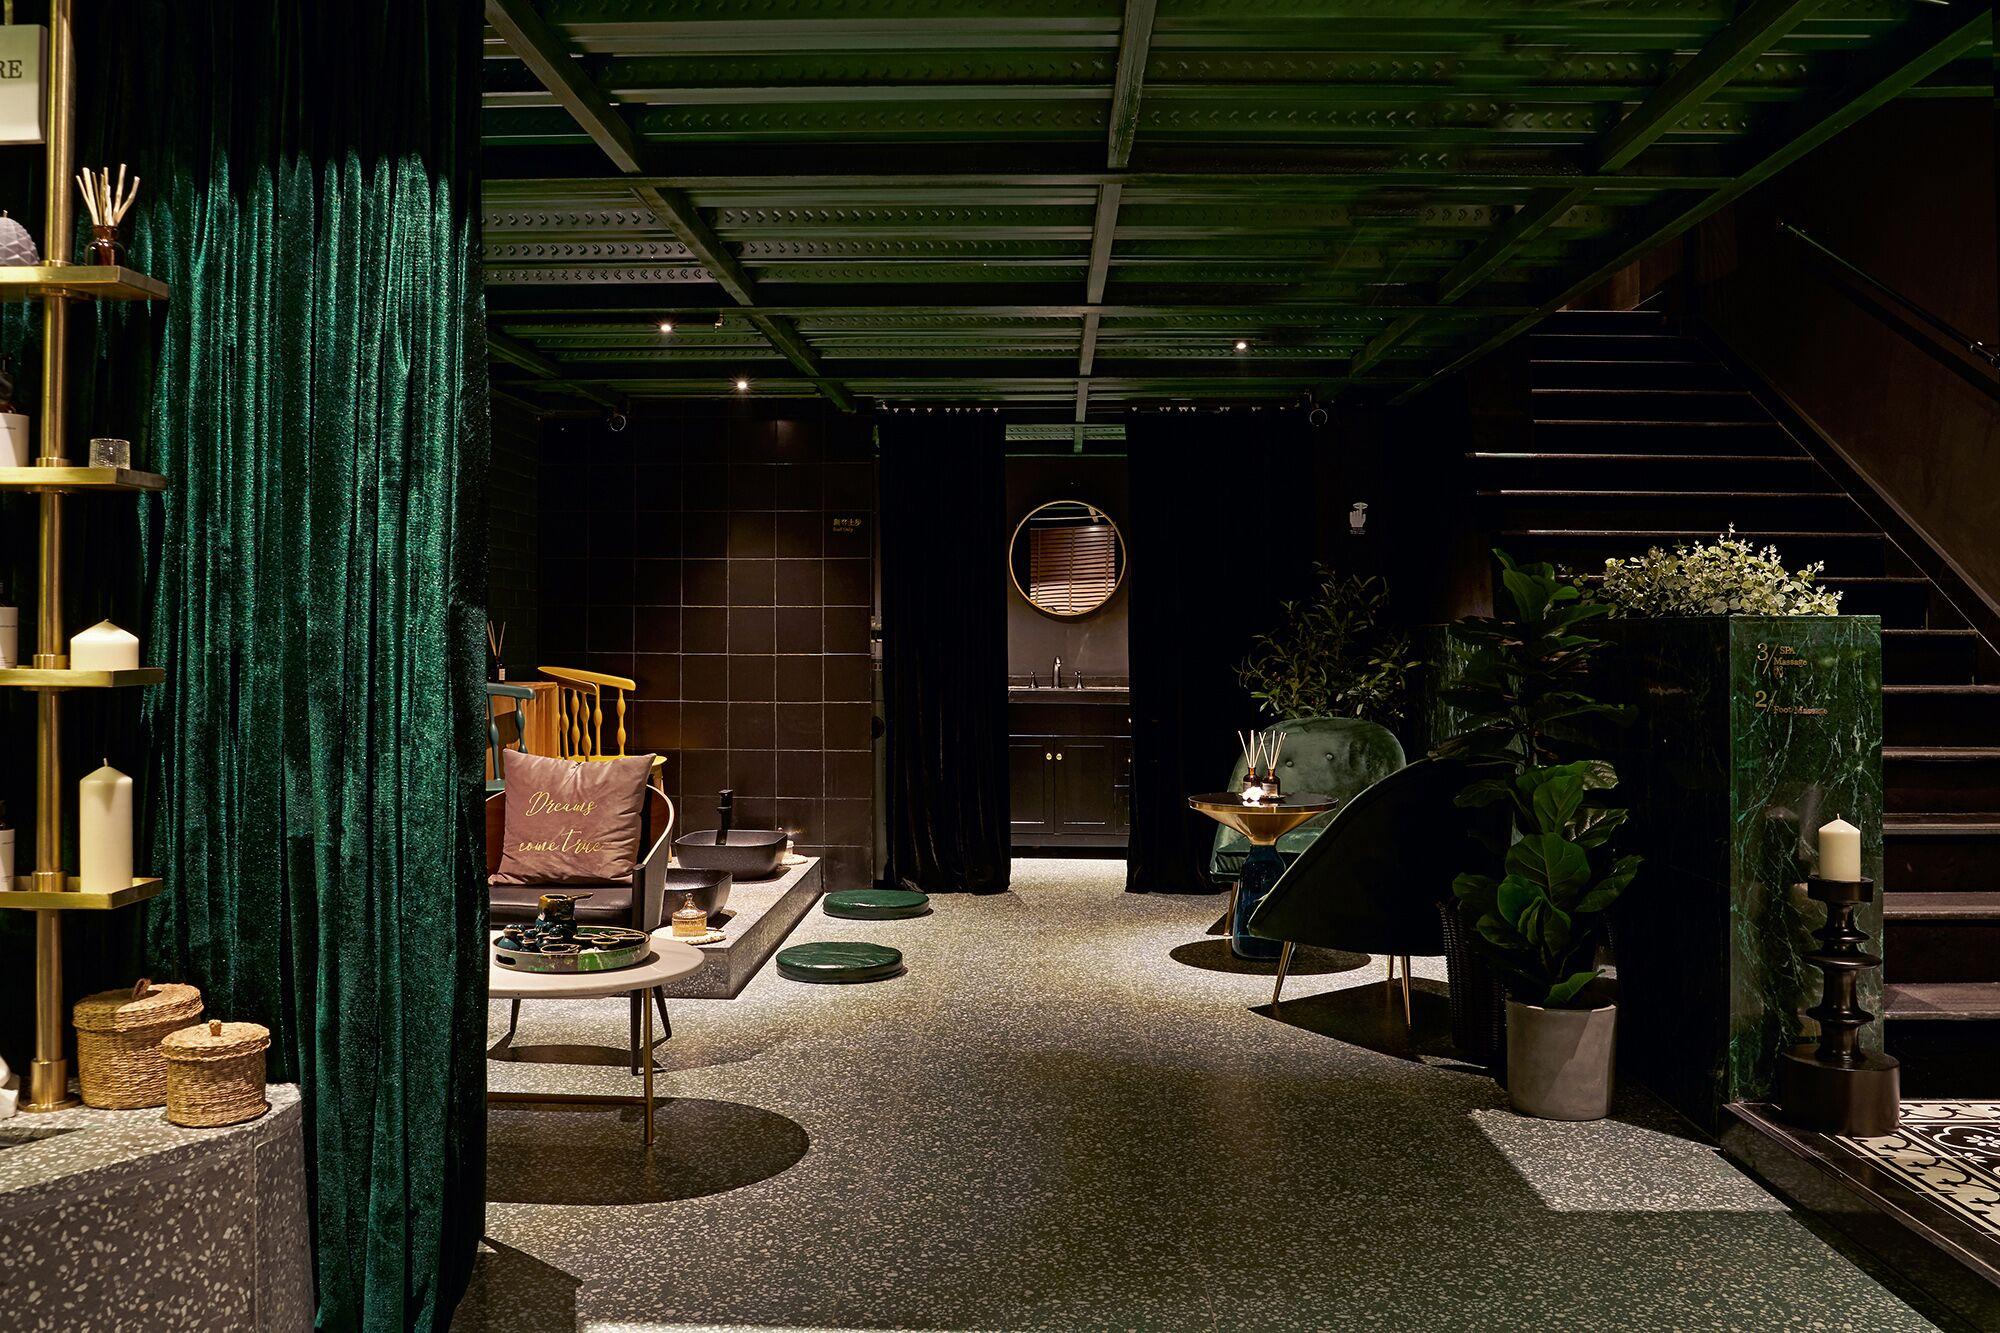 Aroma Dream Thai Massage & Spa in Shenzhen, China by DDDD Creative Studio